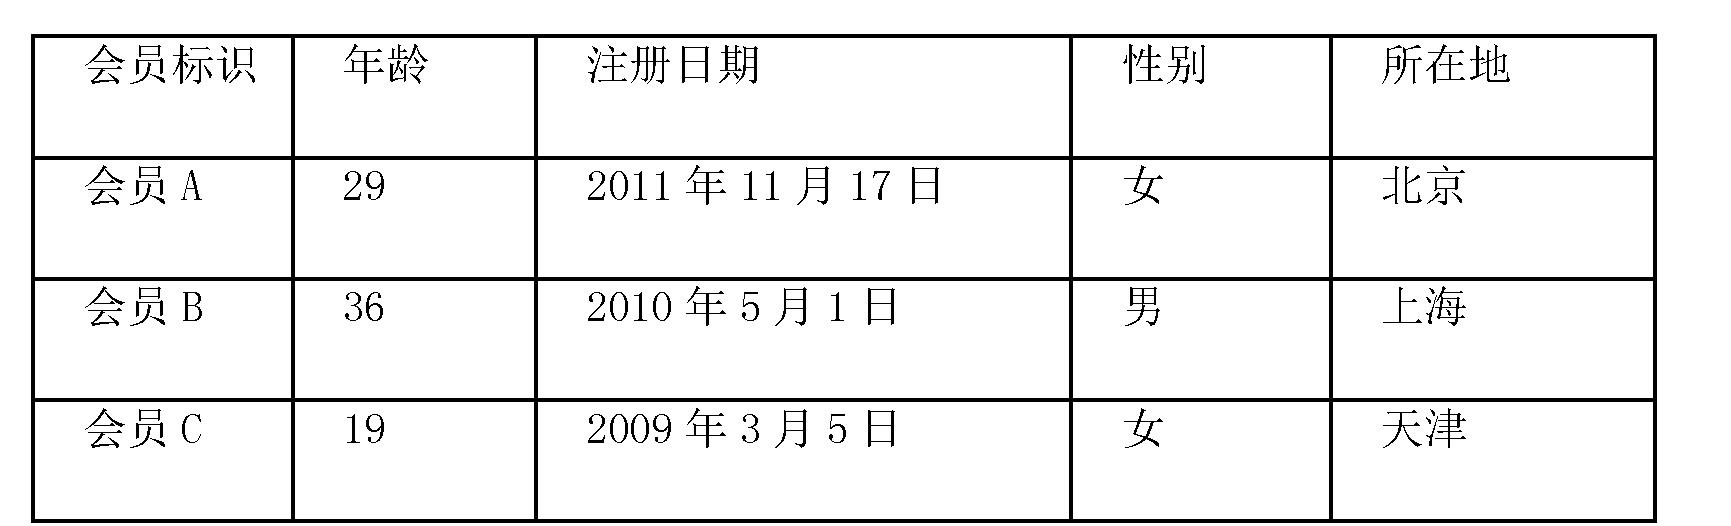 Figure CN103136247BD00061